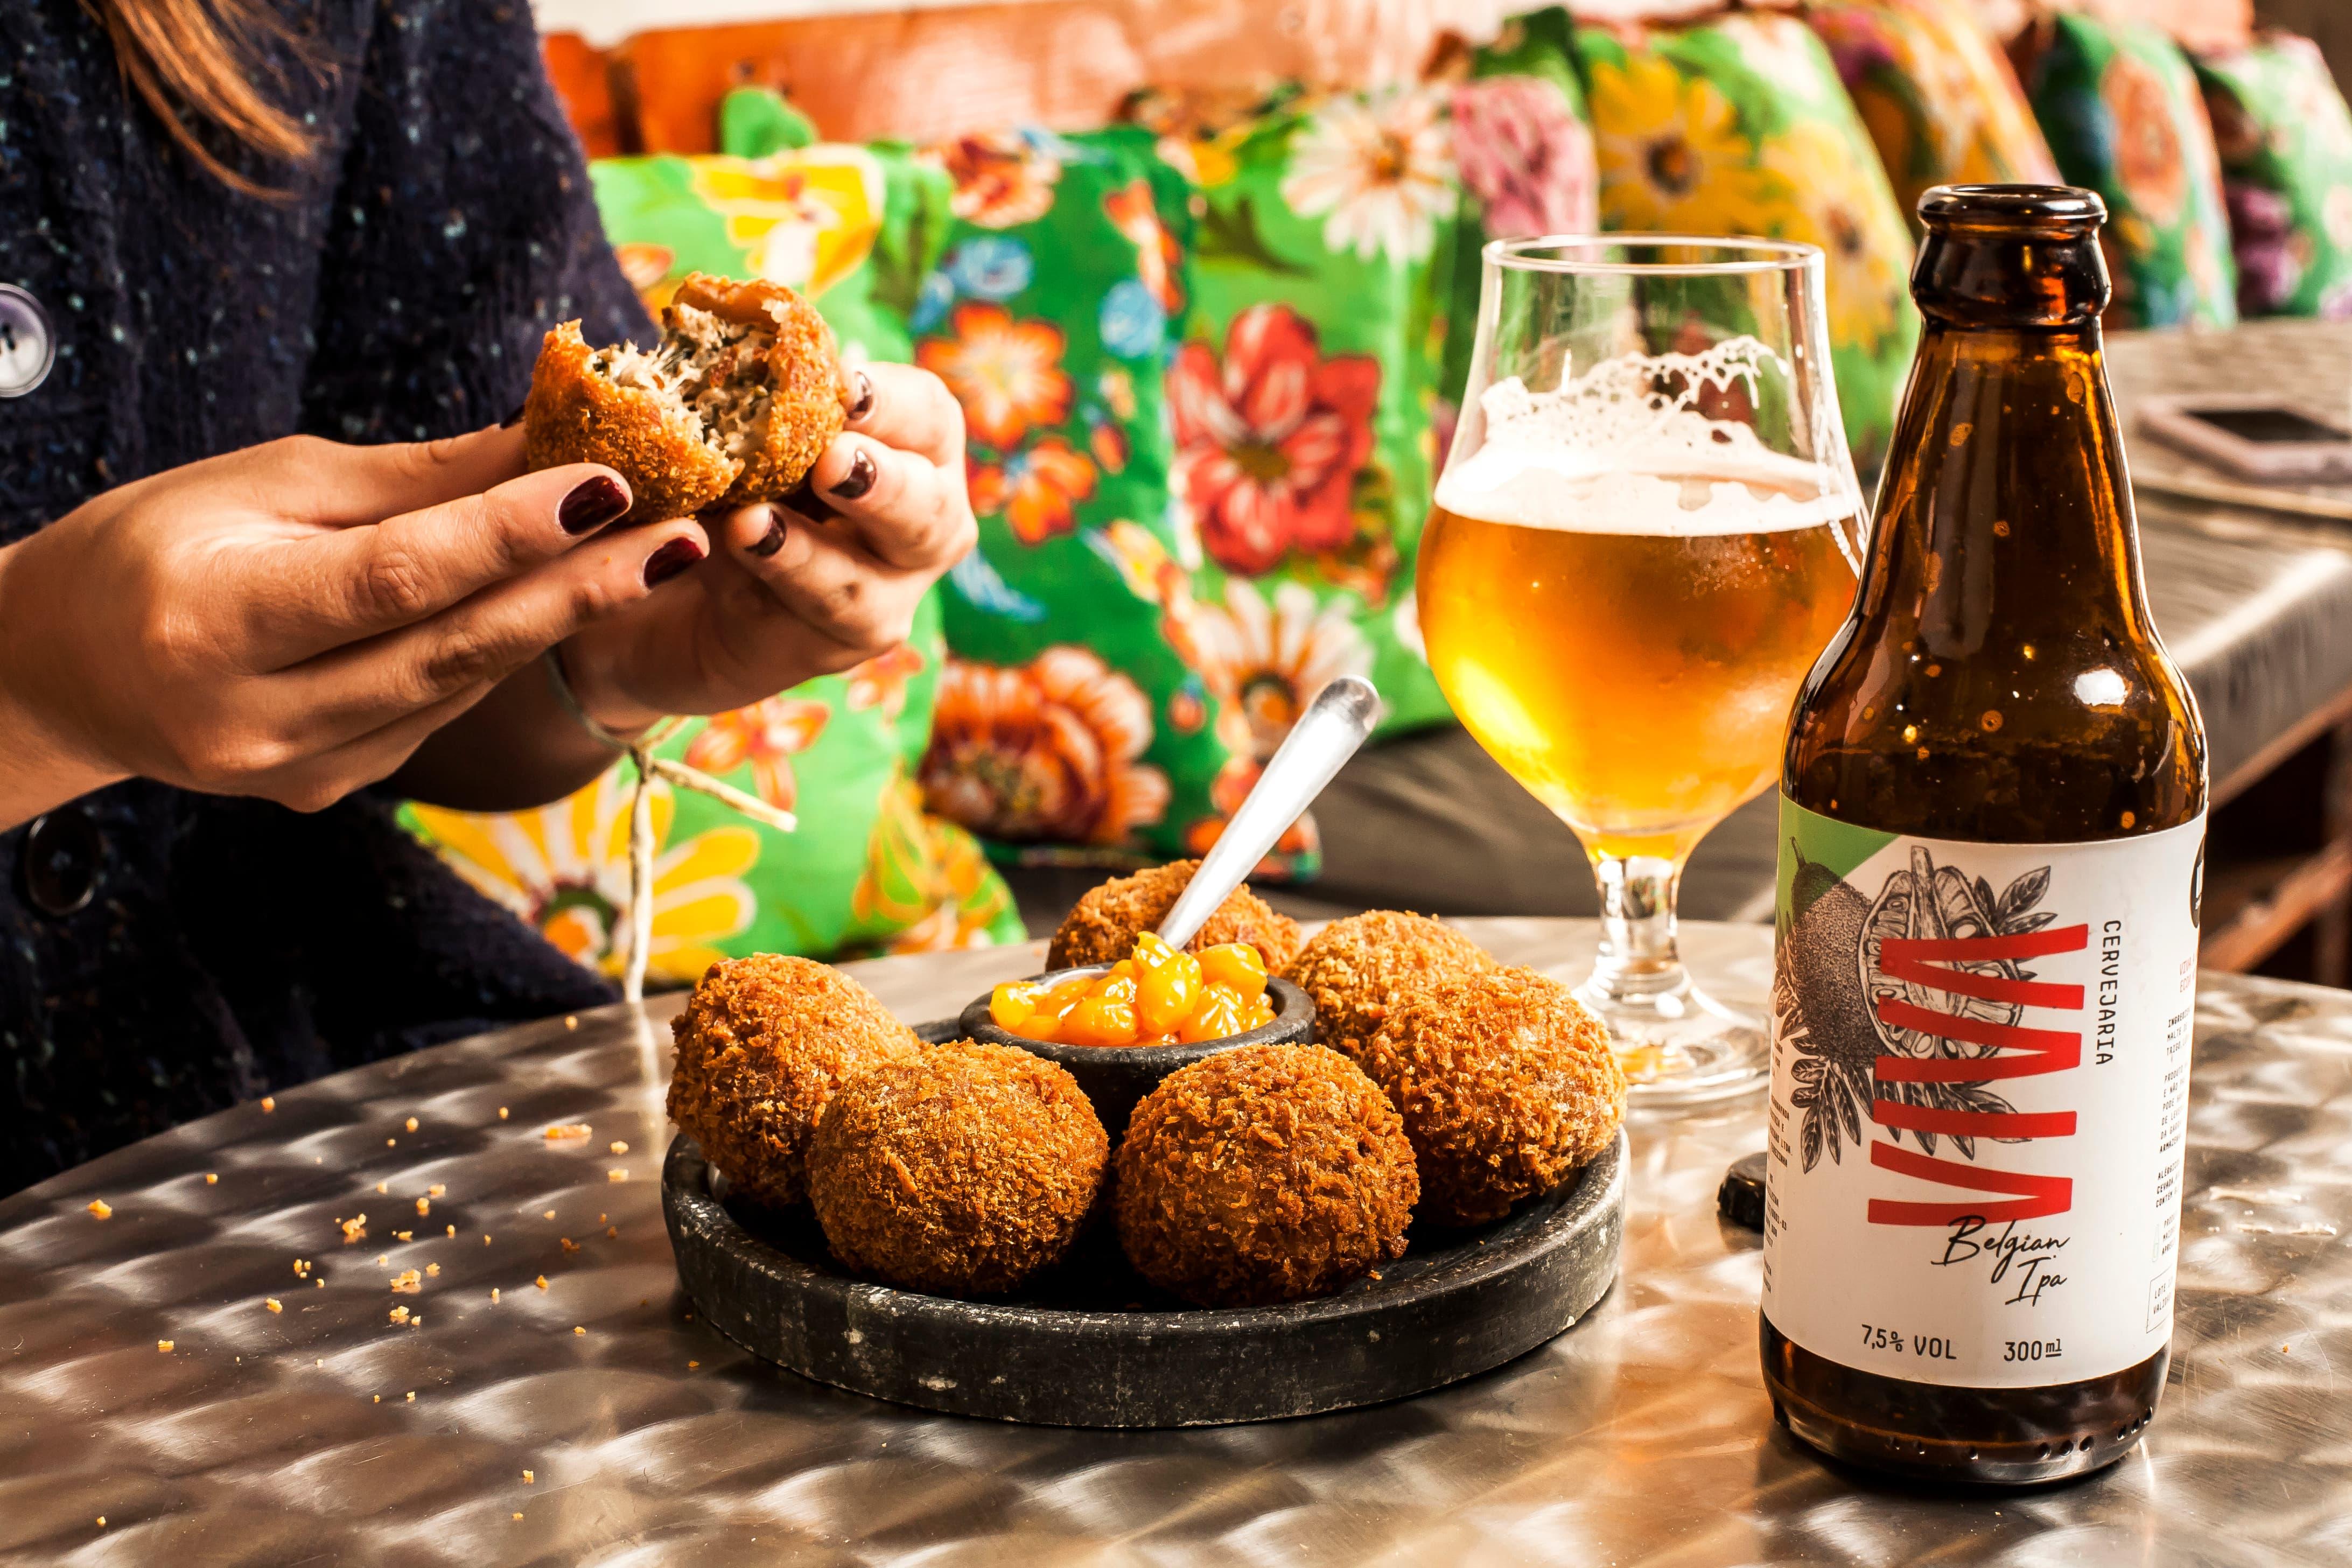 Cervejas artesanais fazem sucesso e conquistam o paladar do brasileiro